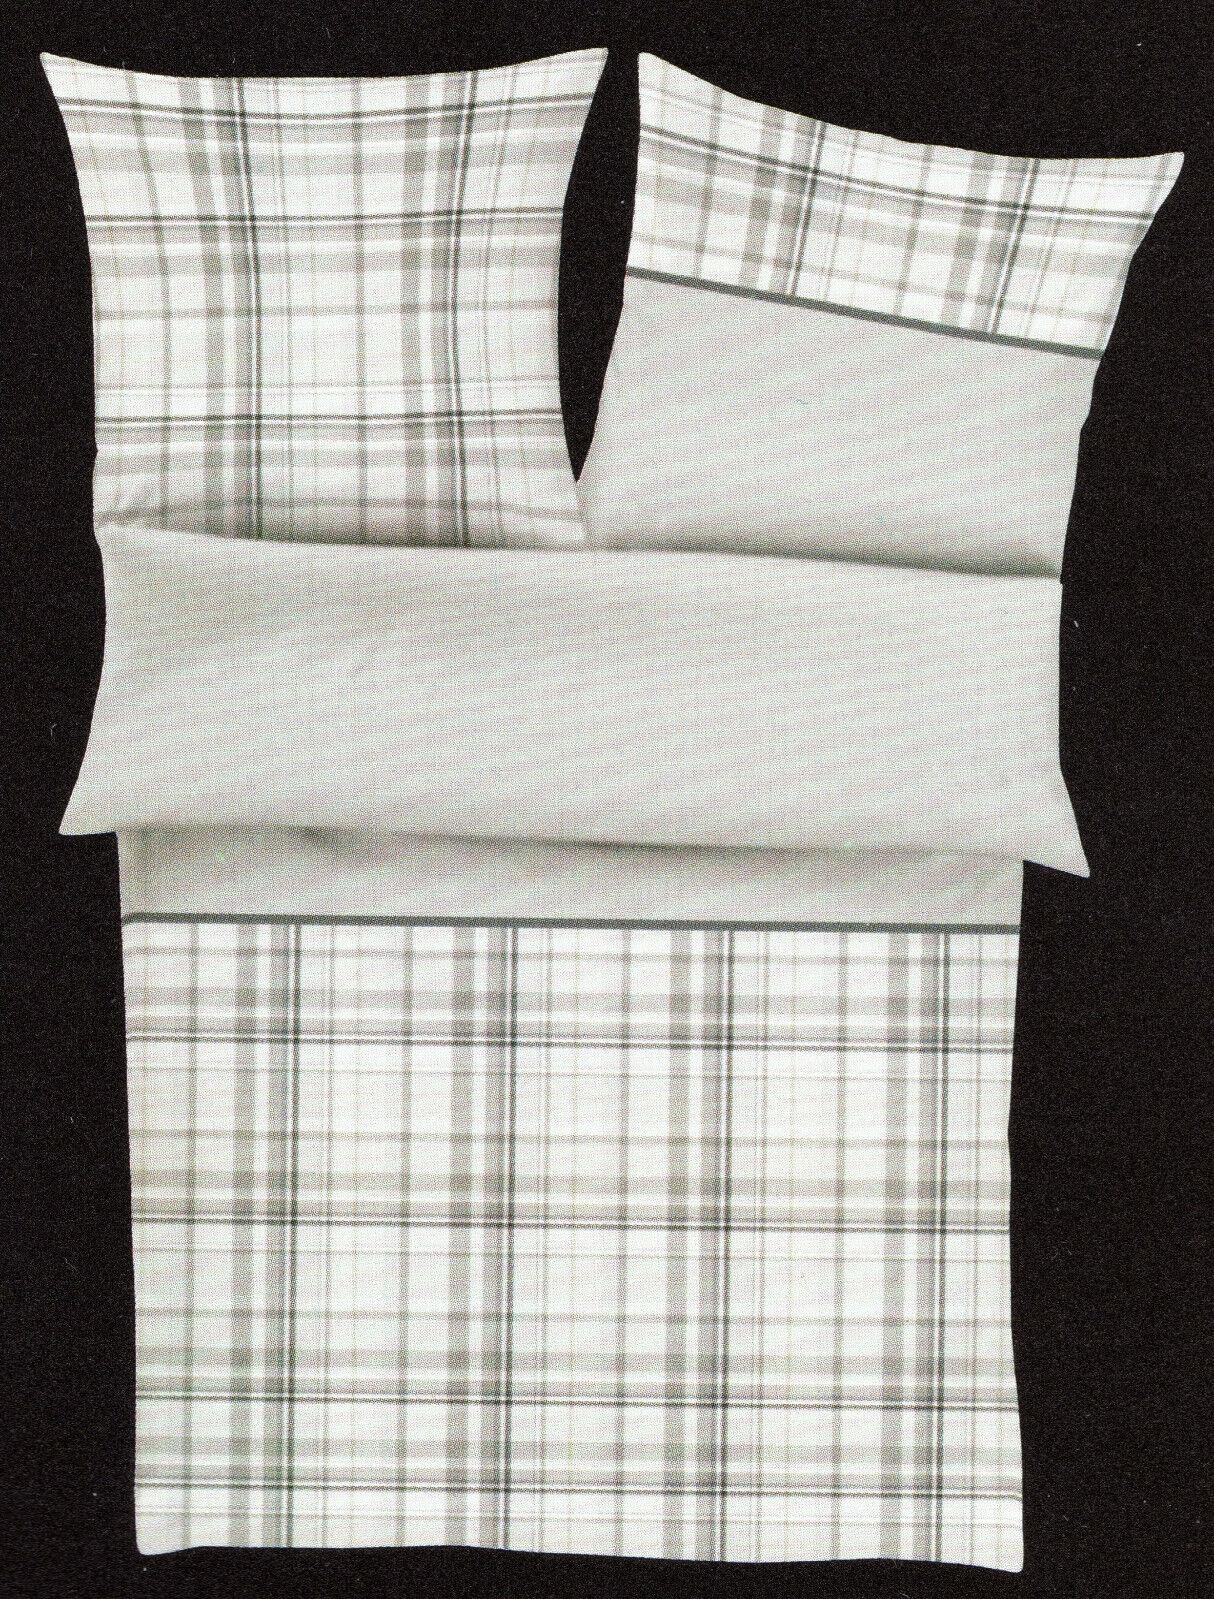 Götzburg Bettwäsche grau kariert - 155 x 220 cm - Baumwolle Renforcé - Übergröße     Outlet Store Online